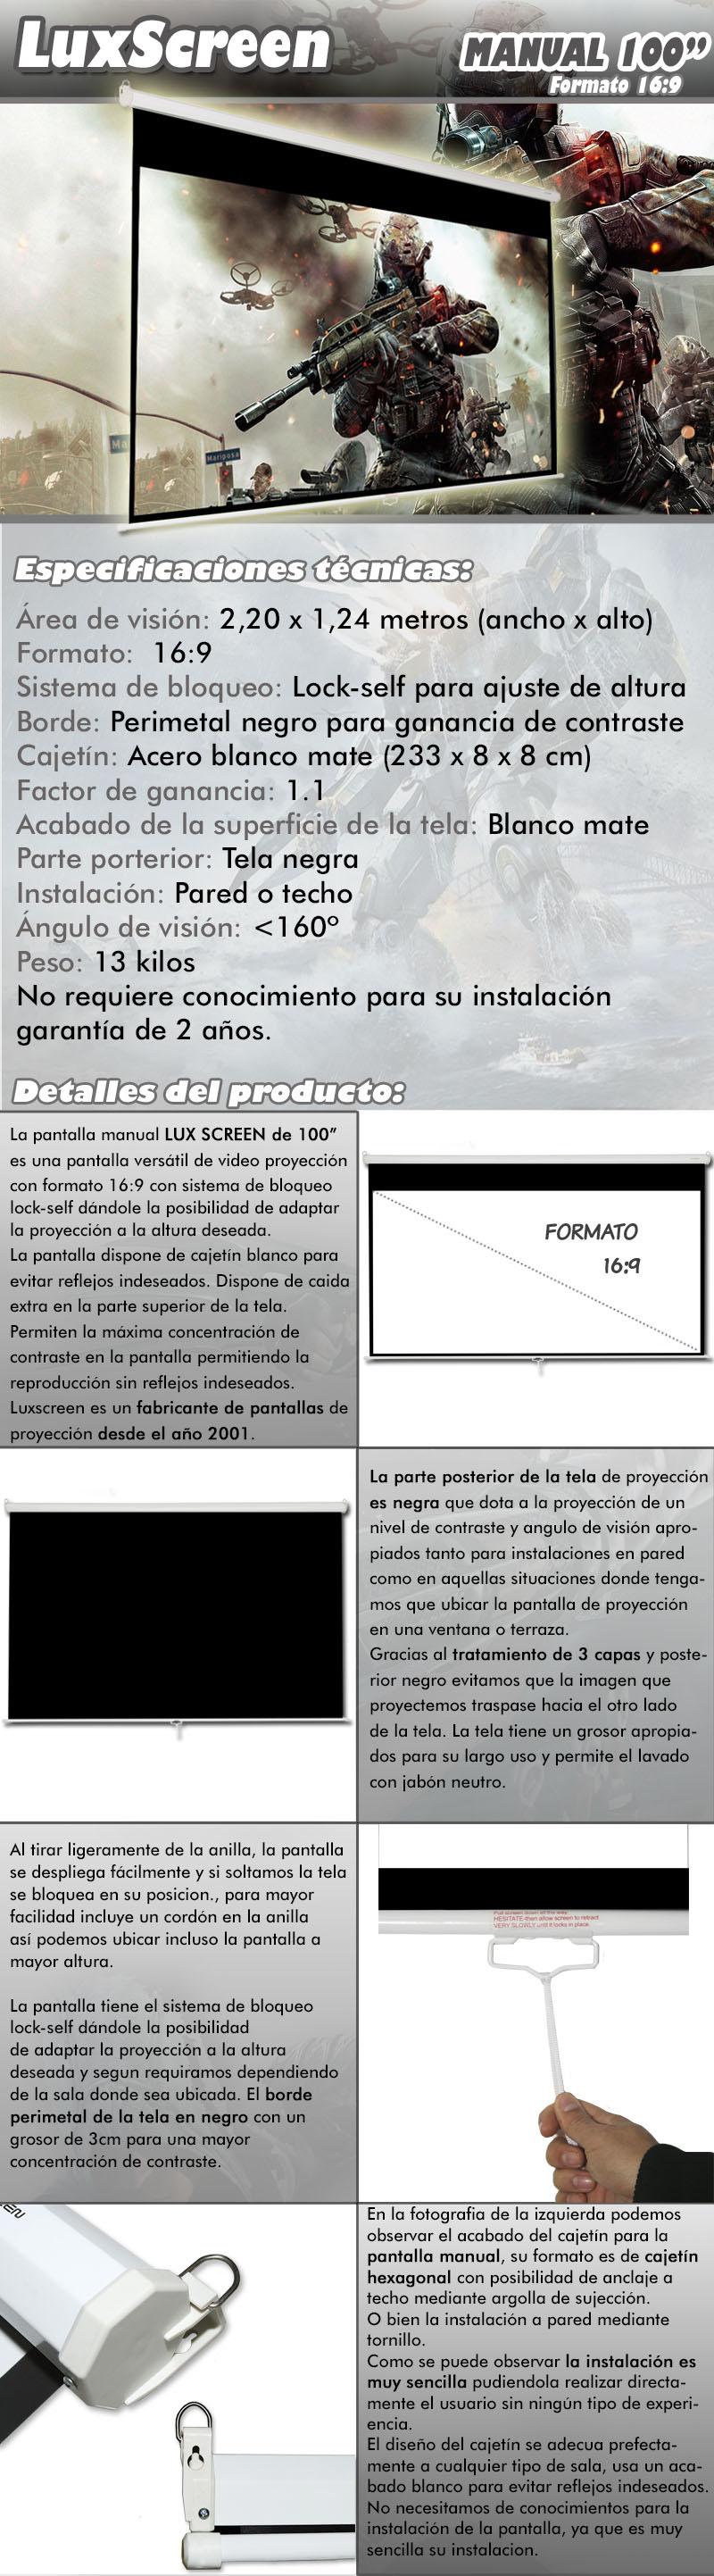 pantalla de proyeccion manual de 100 pulgadas marca luxscreen, es una pantalla versatilde video proyeccion con formato 16:9 y sistema de frenada a varias alturas, pudiendo proyectartanto en 4:3 como en 16:9 segun necesidades.Su remarco perimetal negro y el nuevo diseño de cajetin blanco lacado permiten la maximaconcentracion de contraste en la pantalla permitiendo la reproduccion sin reflejosindeseados.Luxscreen es un fabricante de pantalla de proyeccion desde el año 2001